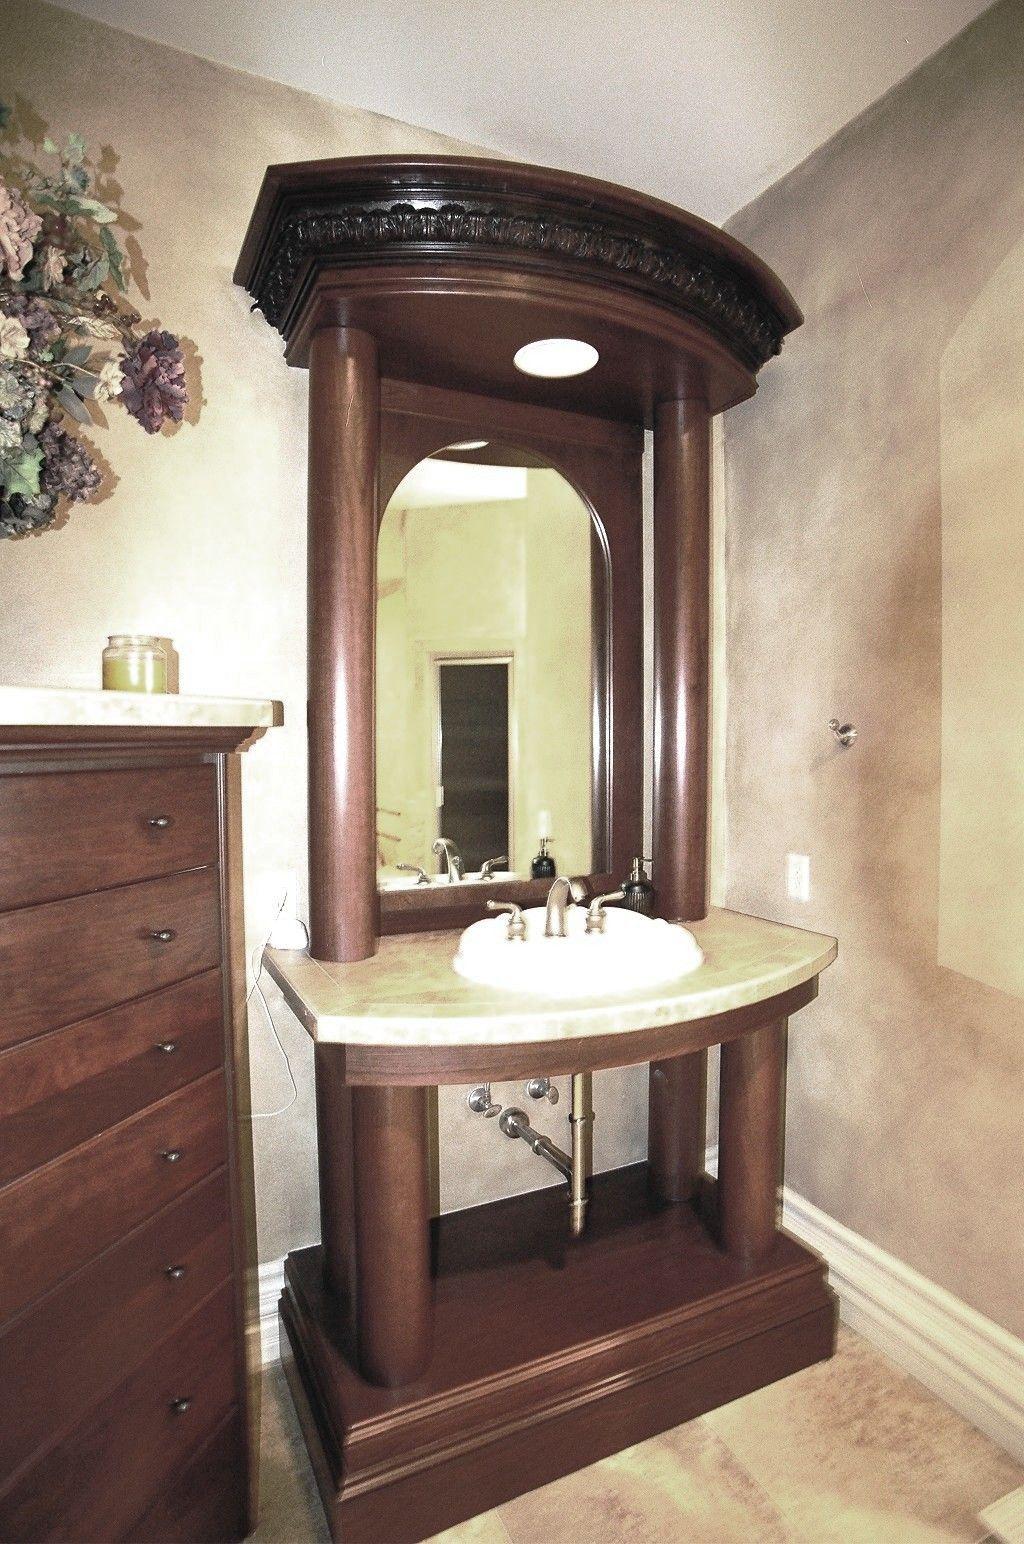 Grand Bathroom Vanity. Classic Roman Style.